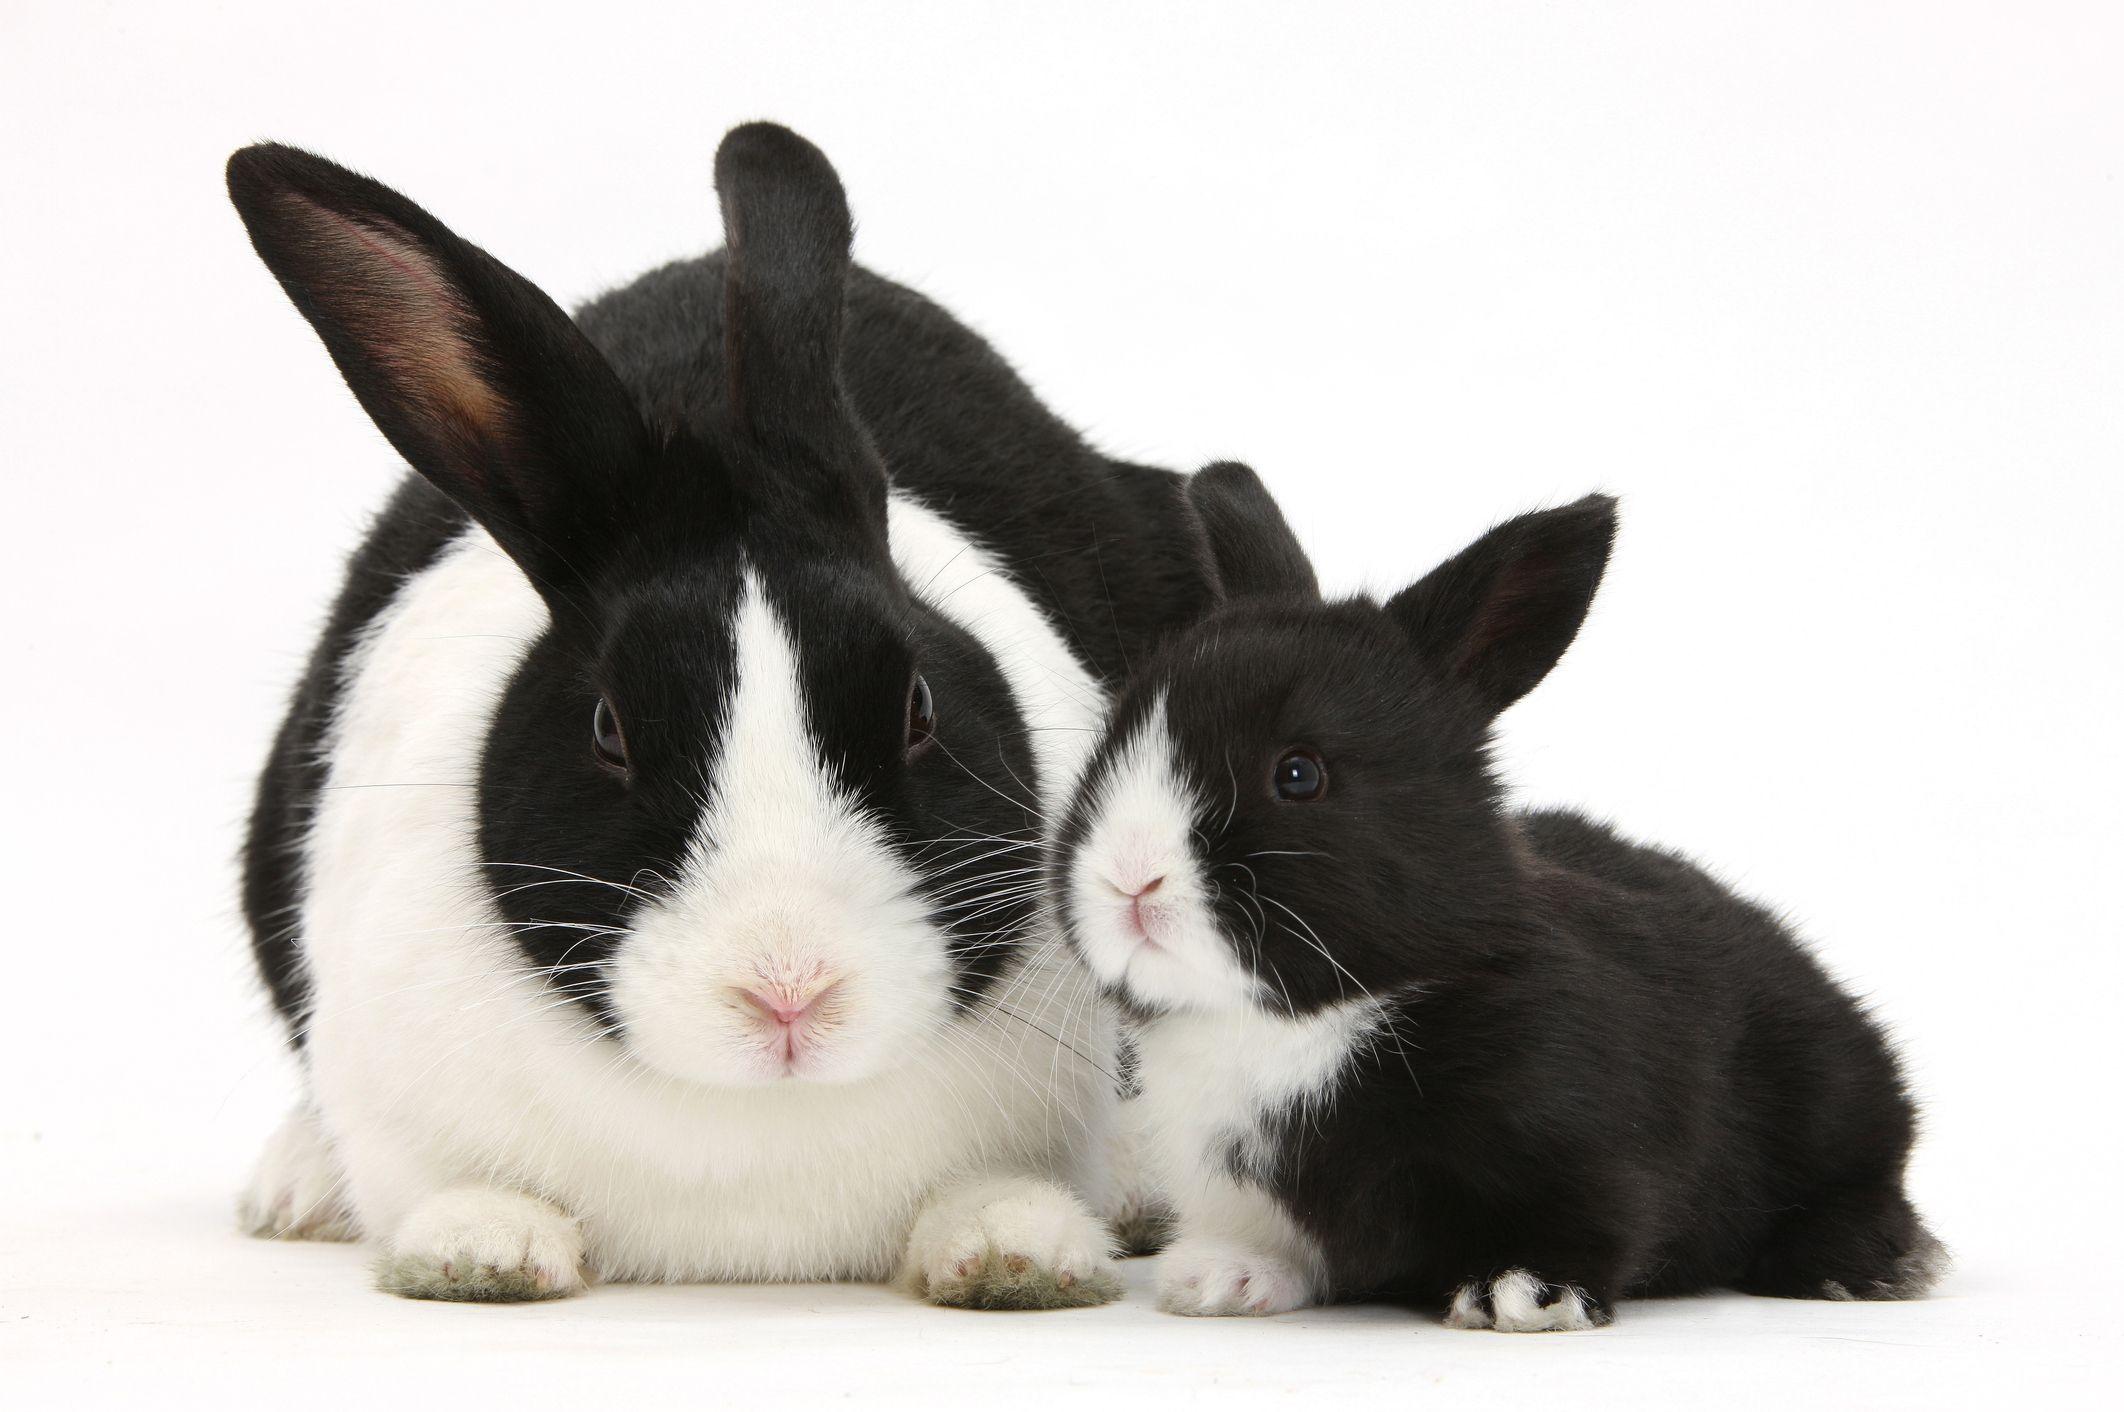 20 Types of Pet Rabbits — Having Rabbits as Pets